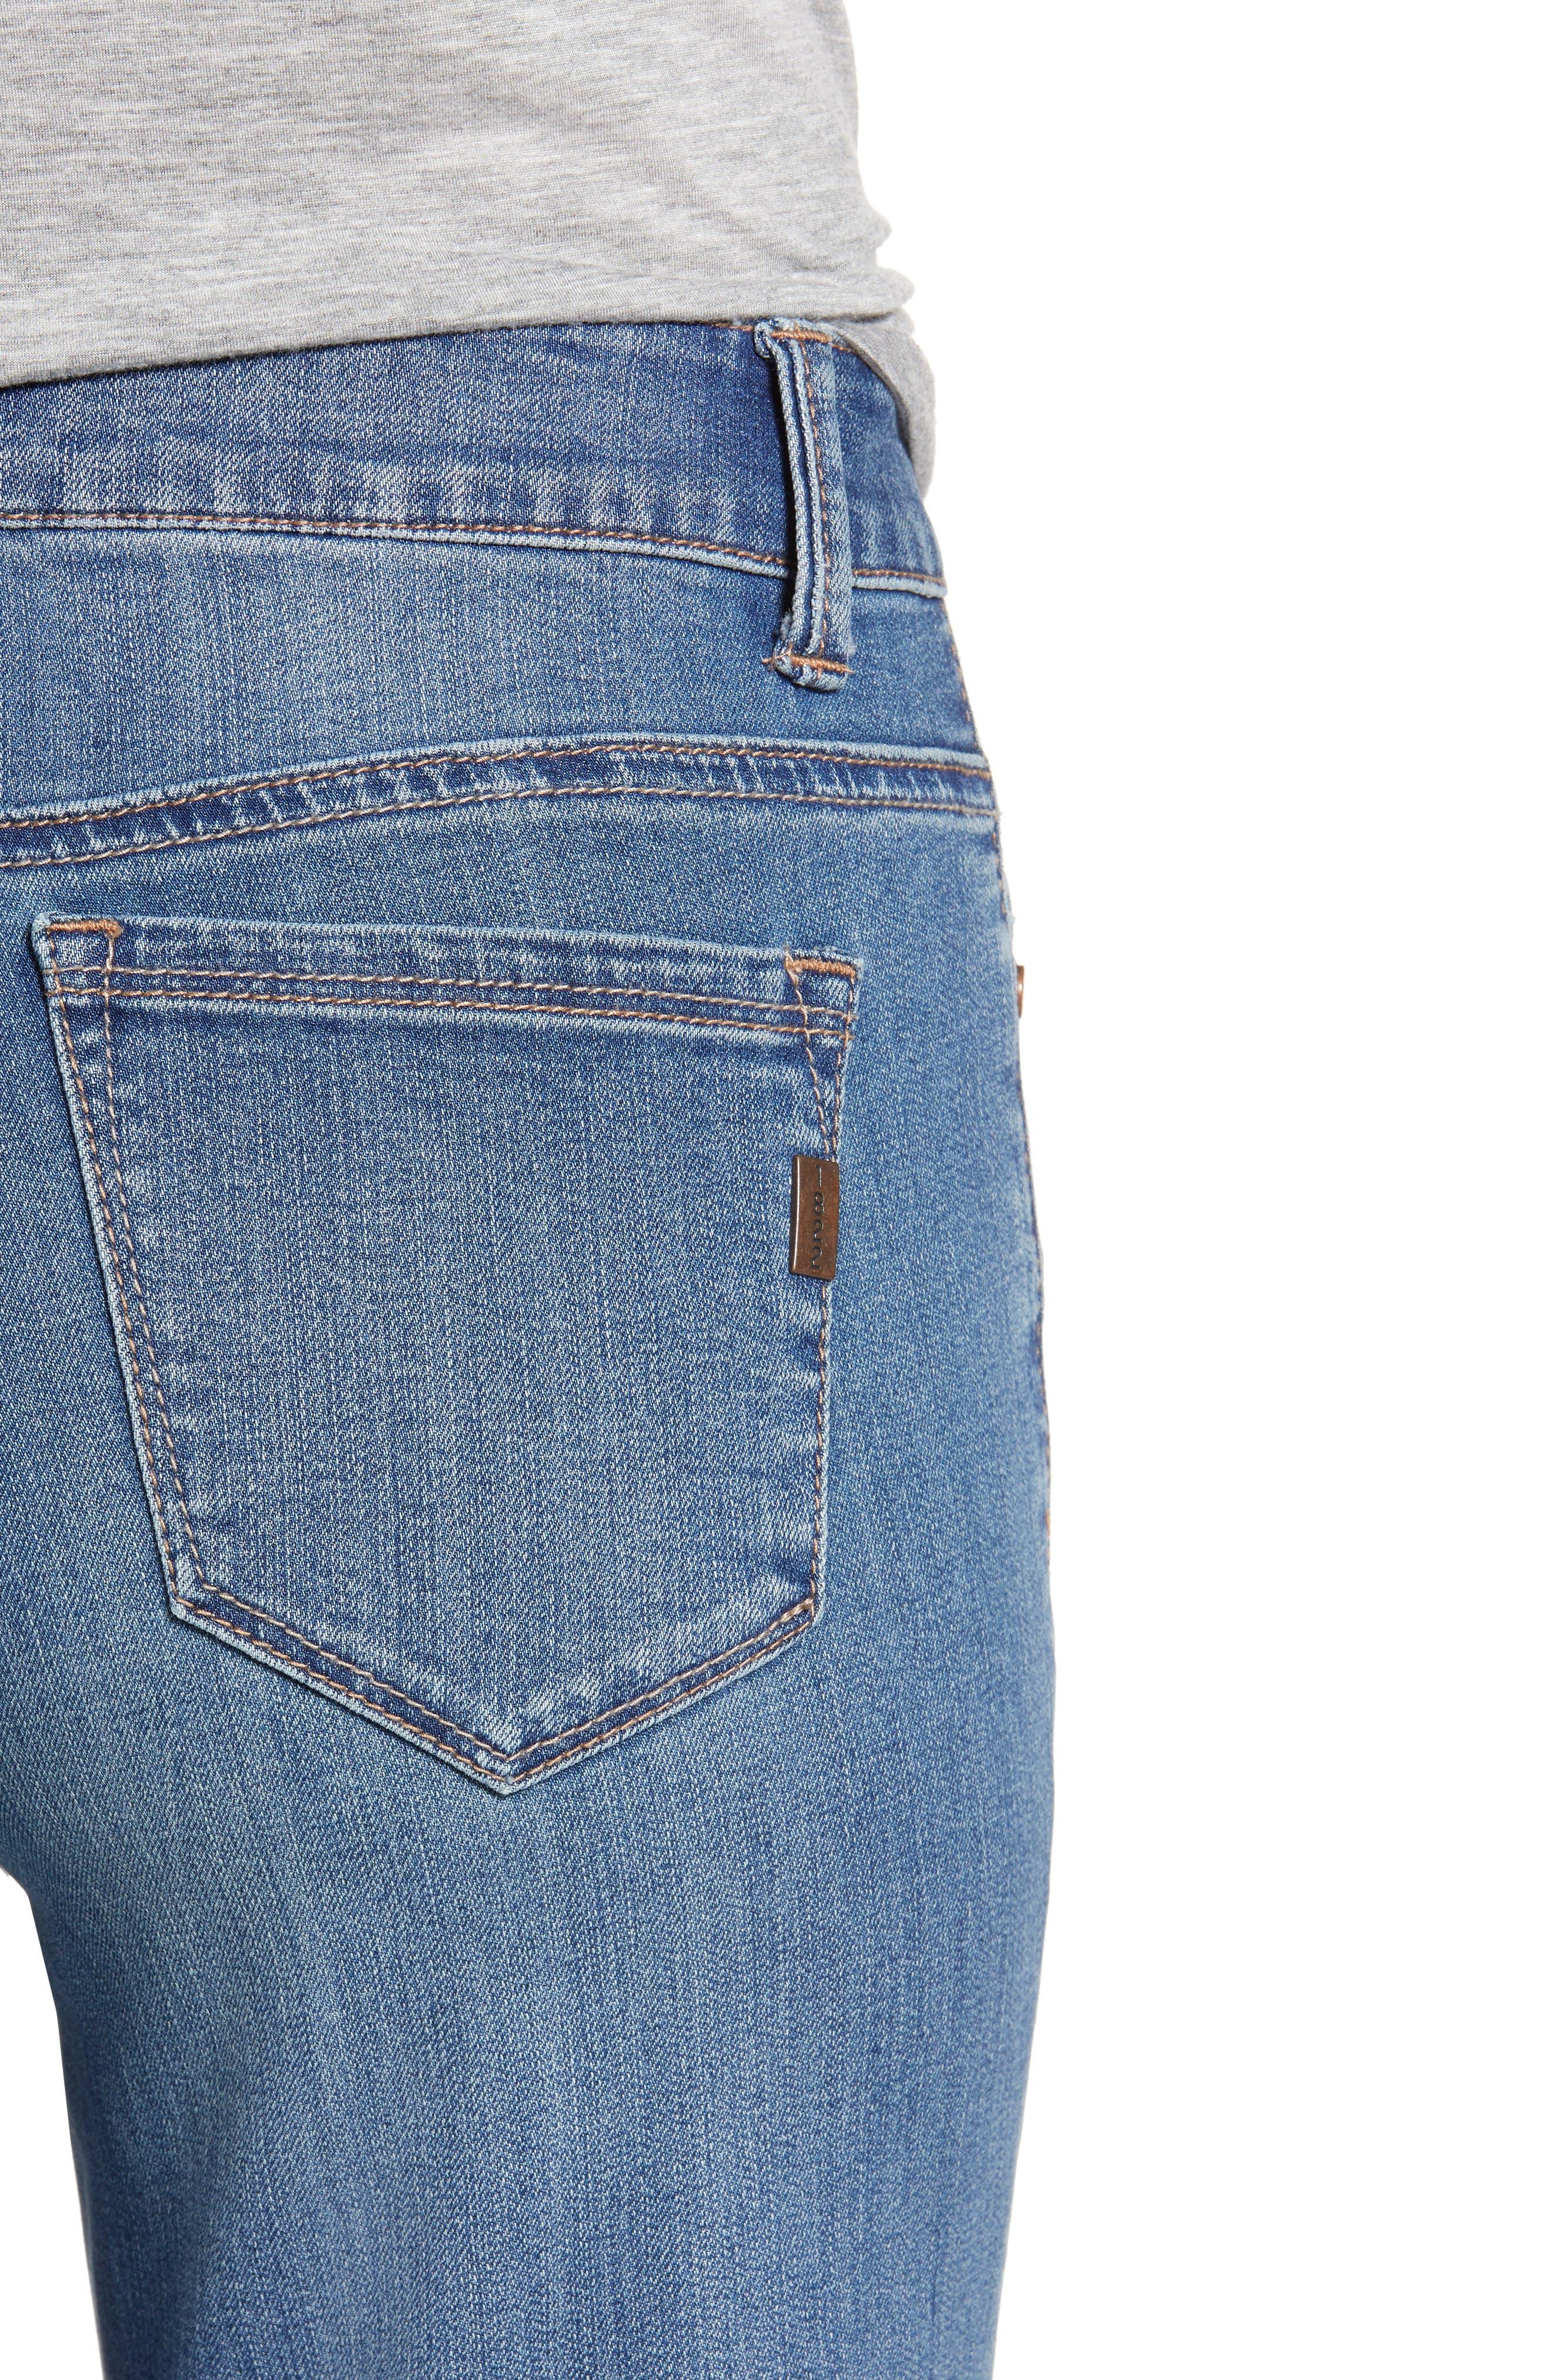 Ankle Straight Leg Jeans,                             Alternate thumbnail 4, color,                             KORN LIGHT WASH